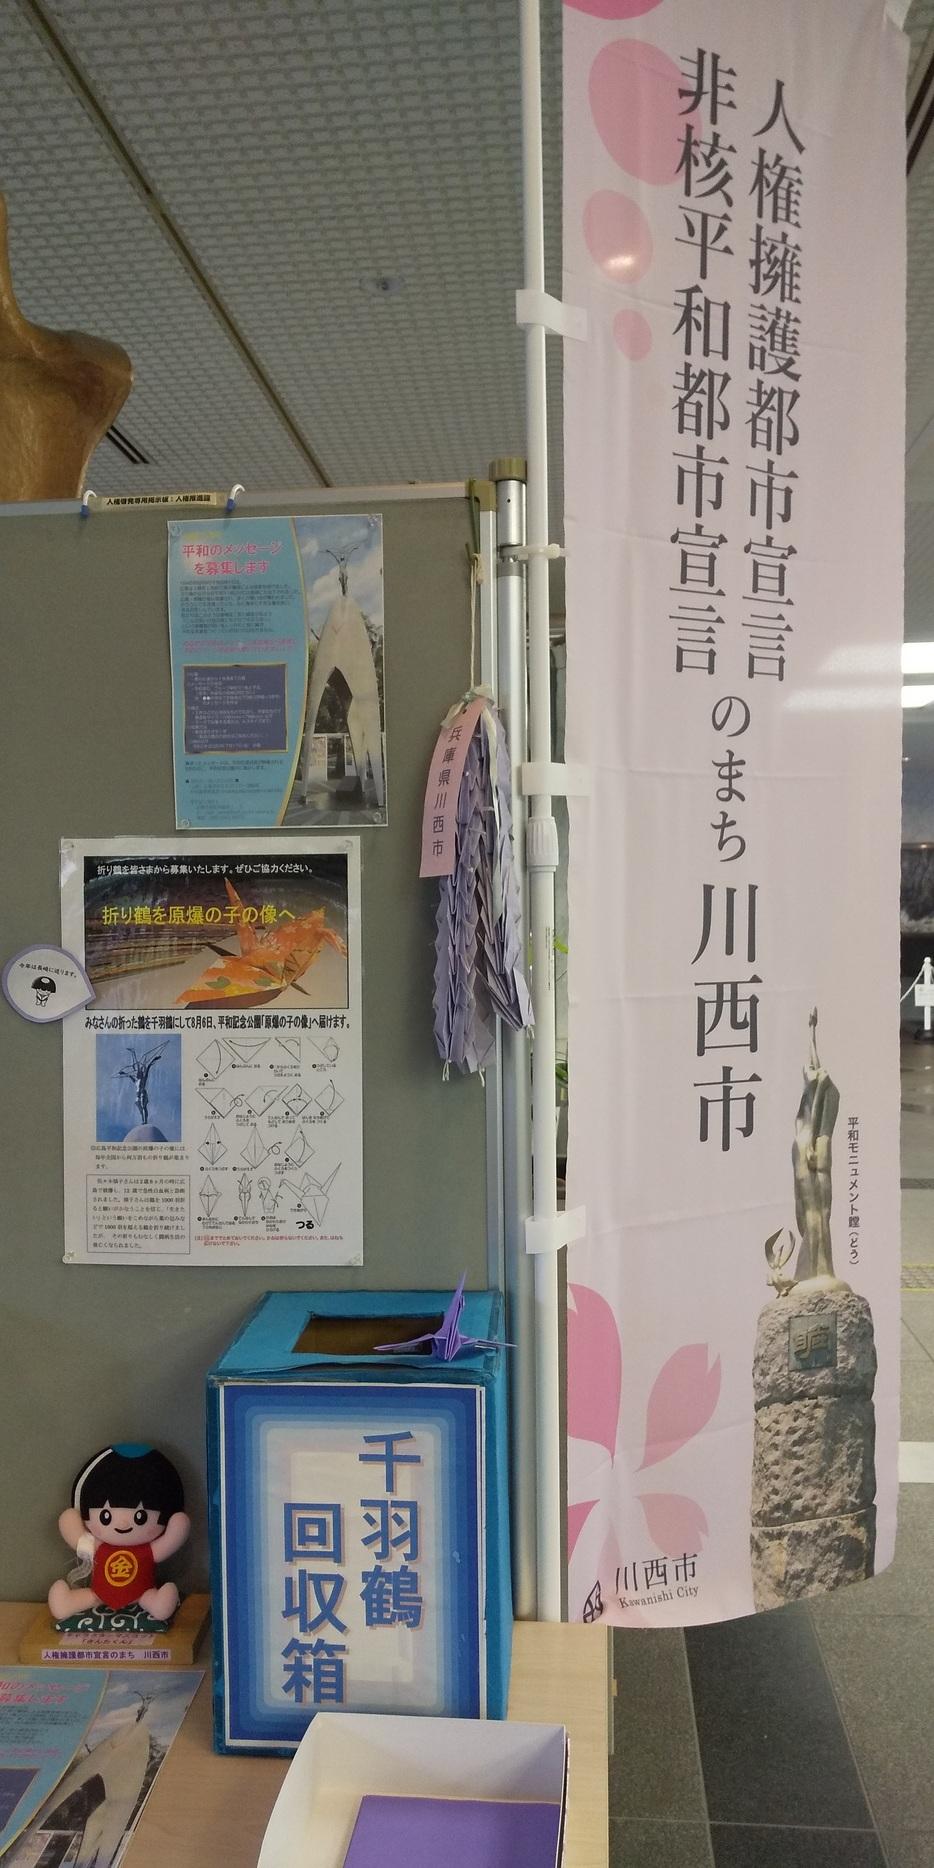 😊 7月臨時議会が行われます 📝 市役所ロビーで平和・核兵器廃絶の署名 👍️7月7日国民平和大行進 🌝_f0061067_23372539.jpg